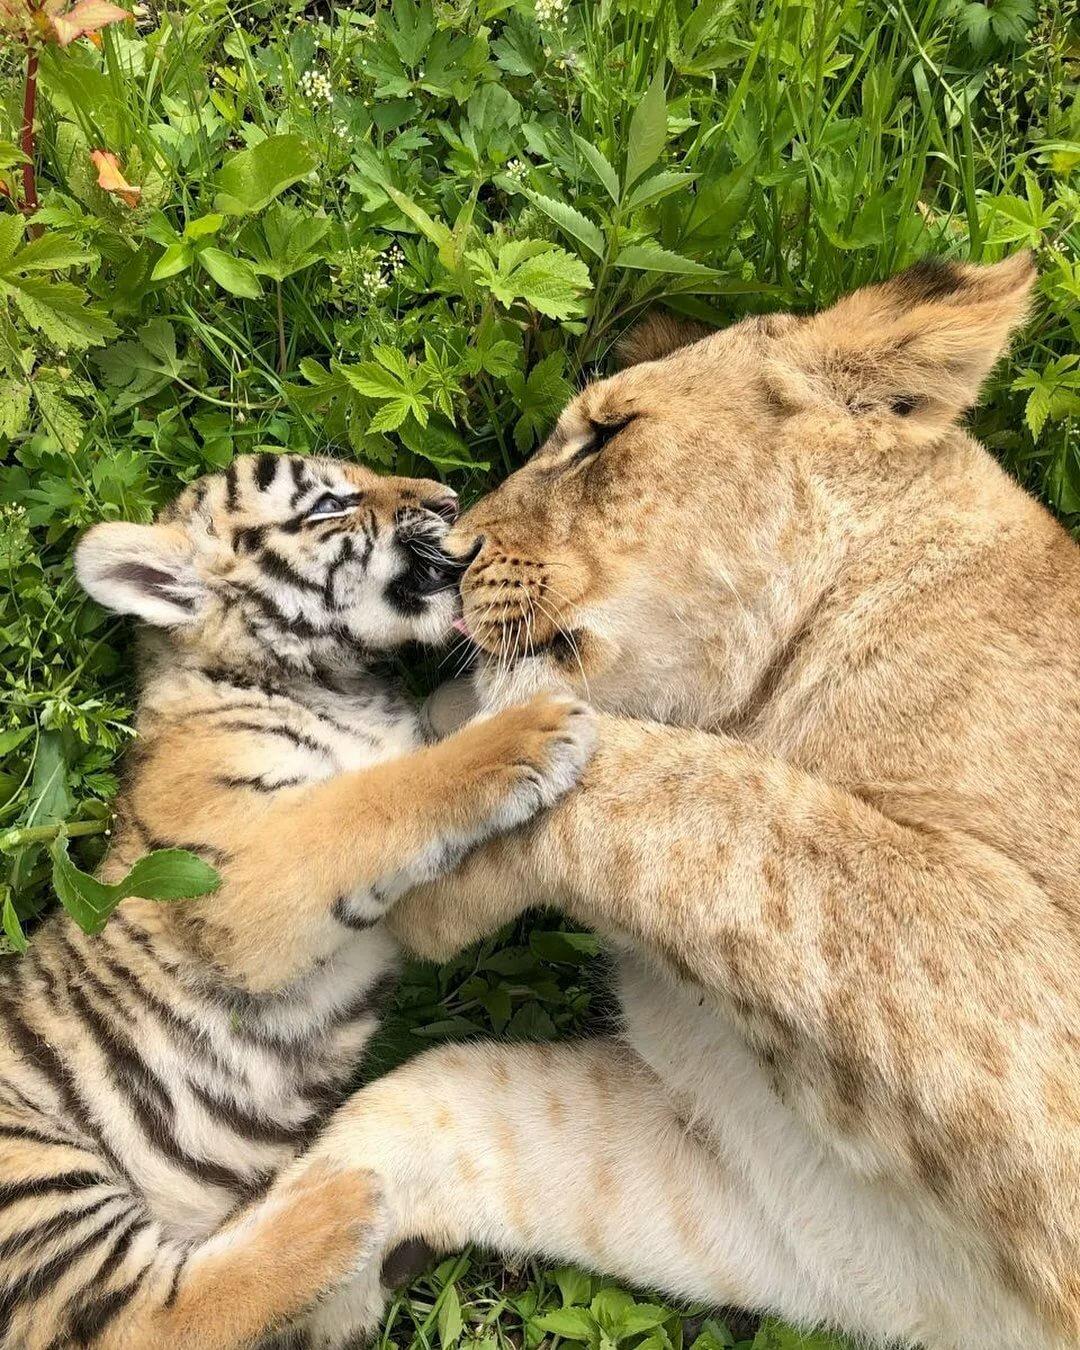 картинки львов и тигров и львиц